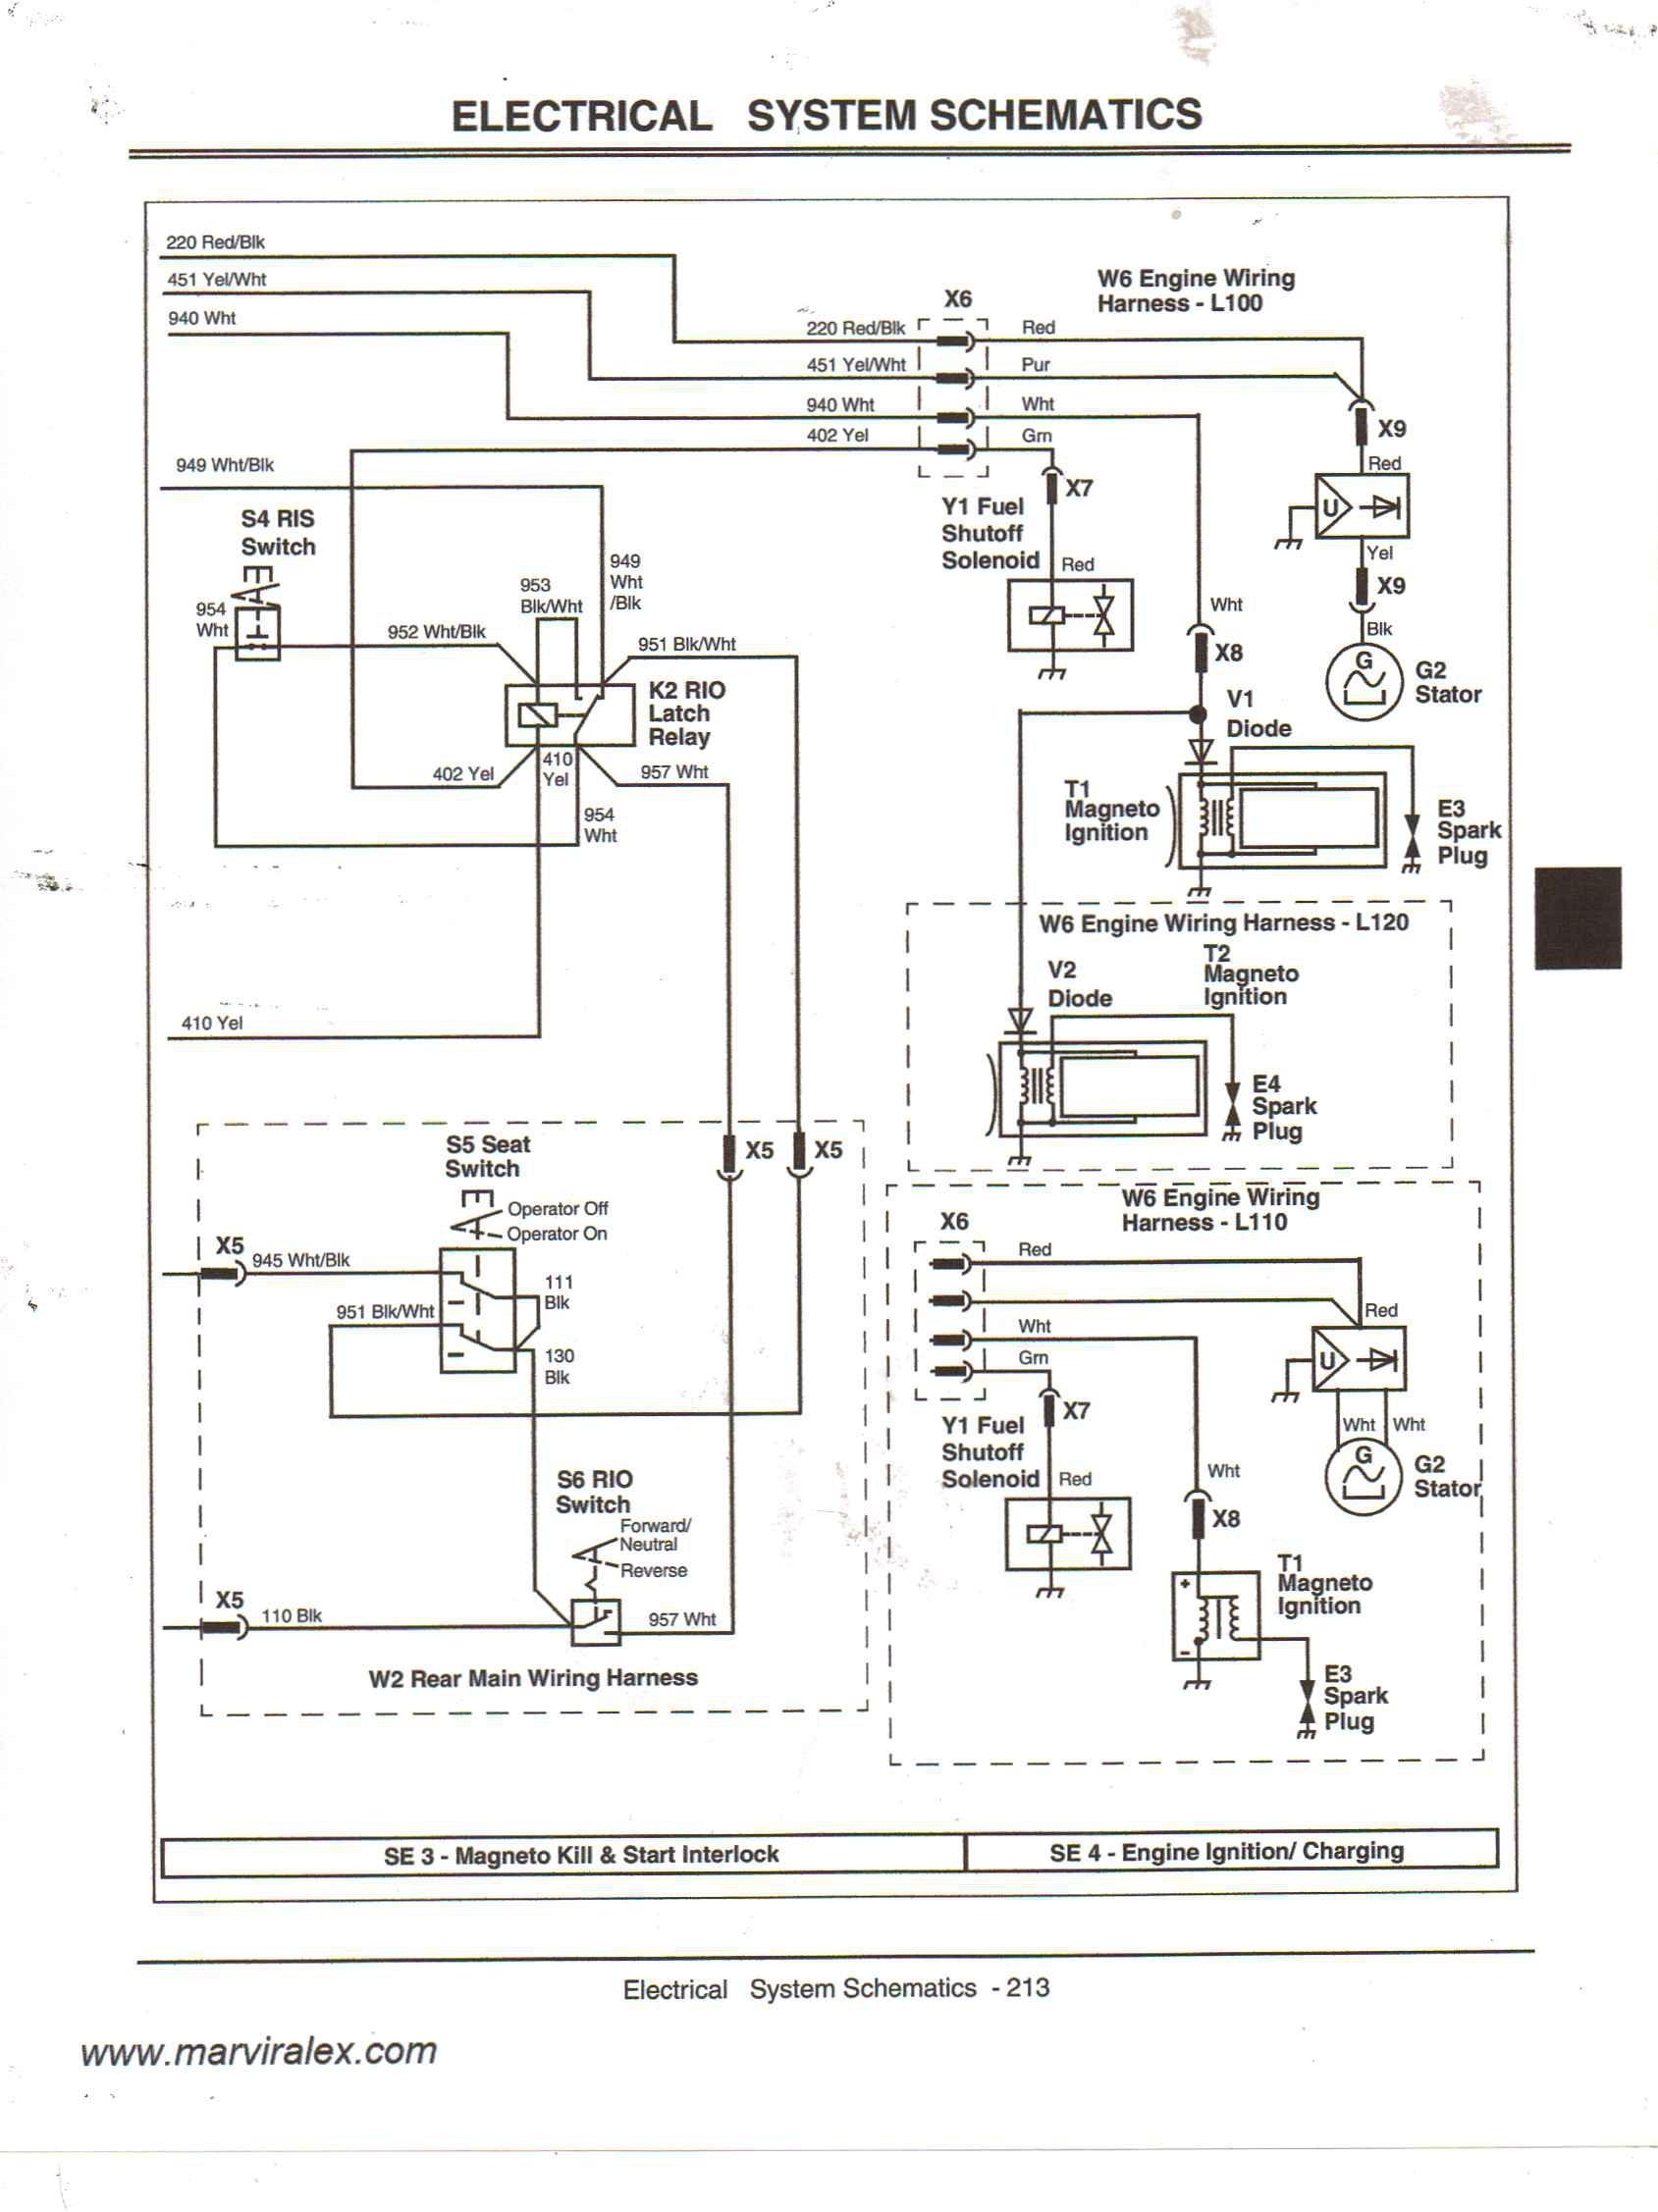 X475 Wiring Diagram - Wiring Diagram 500 on x465 john deere wiring diagram, lt160 john deere wiring diagram, f510 john deere wiring diagram, lt155 john deere wiring diagram, sx75 john deere wiring diagram, f525 john deere wiring diagram, lx277 john deere wiring diagram, l130 john deere wiring diagram, x485 john deere wiring diagram, z425 john deere wiring diagram, g110 john deere wiring diagram, stx38 john deere wiring diagram, z225 john deere wiring diagram, lx178 john deere wiring diagram, sst15 john deere wiring diagram, srx75 john deere wiring diagram,